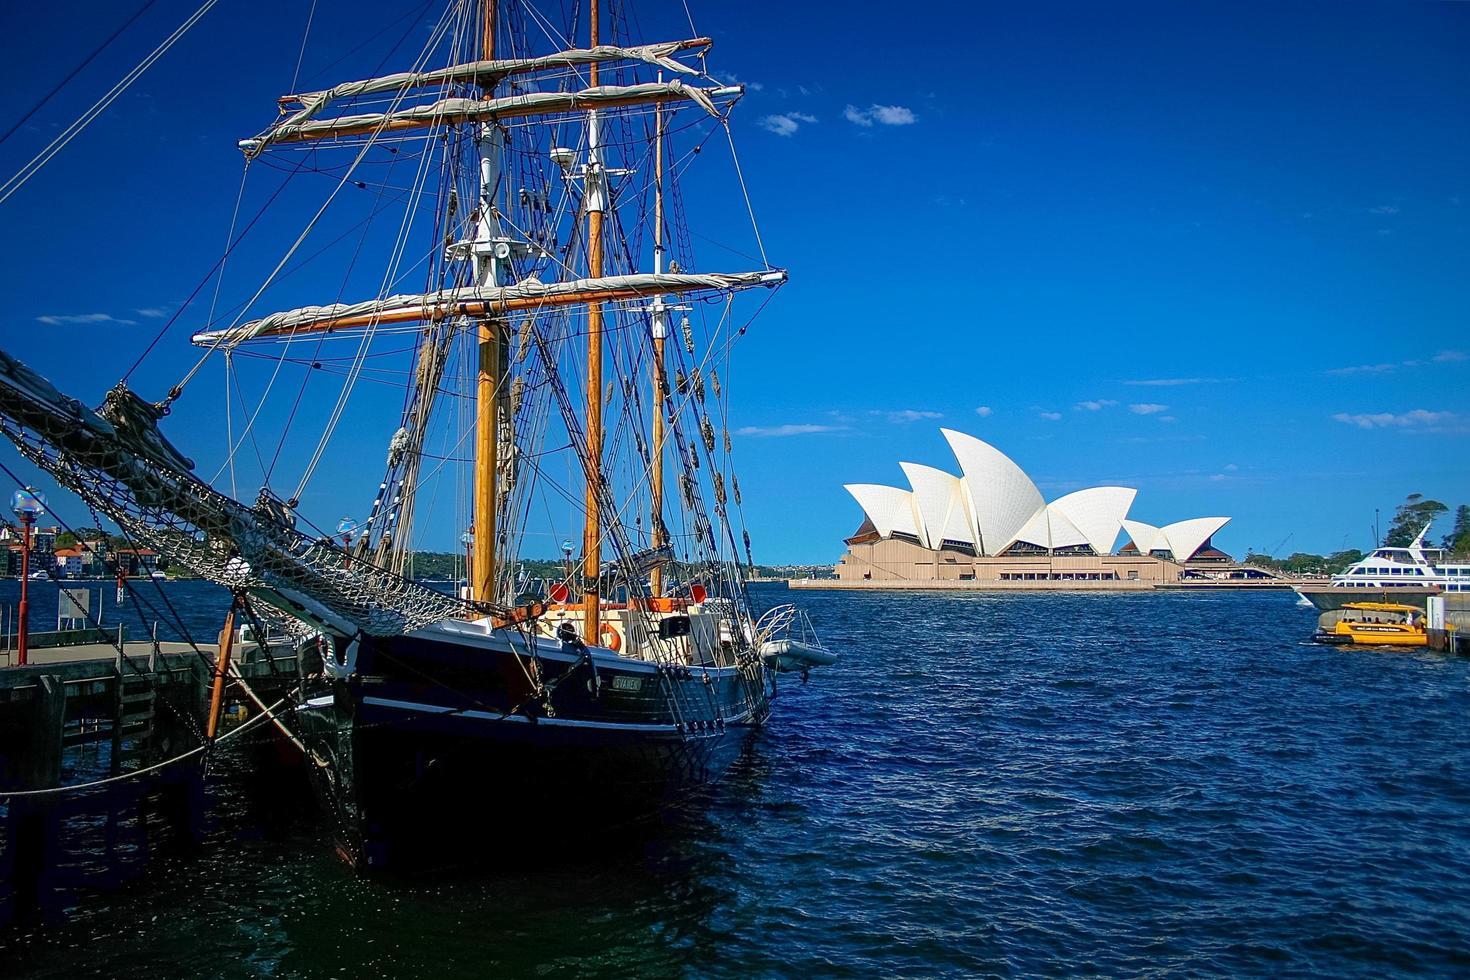 sydney, australia, 2020 - barca a vela vicino al teatro dell'opera di sydney foto